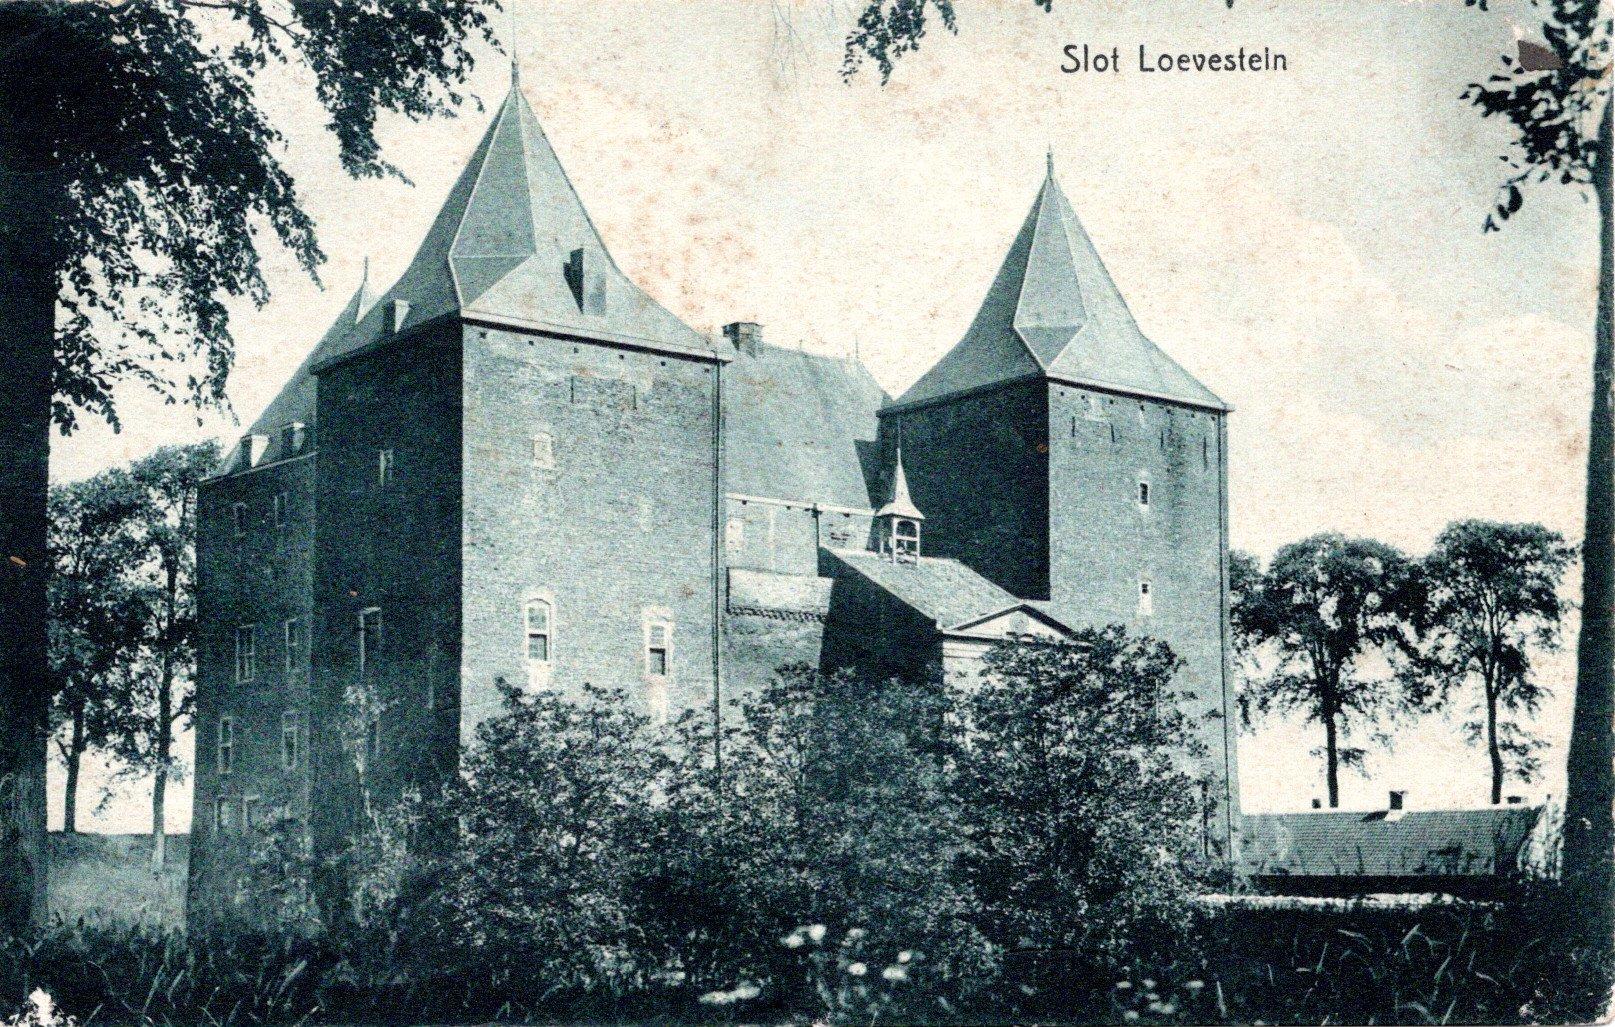 C9-Slot-Loevestein-1928